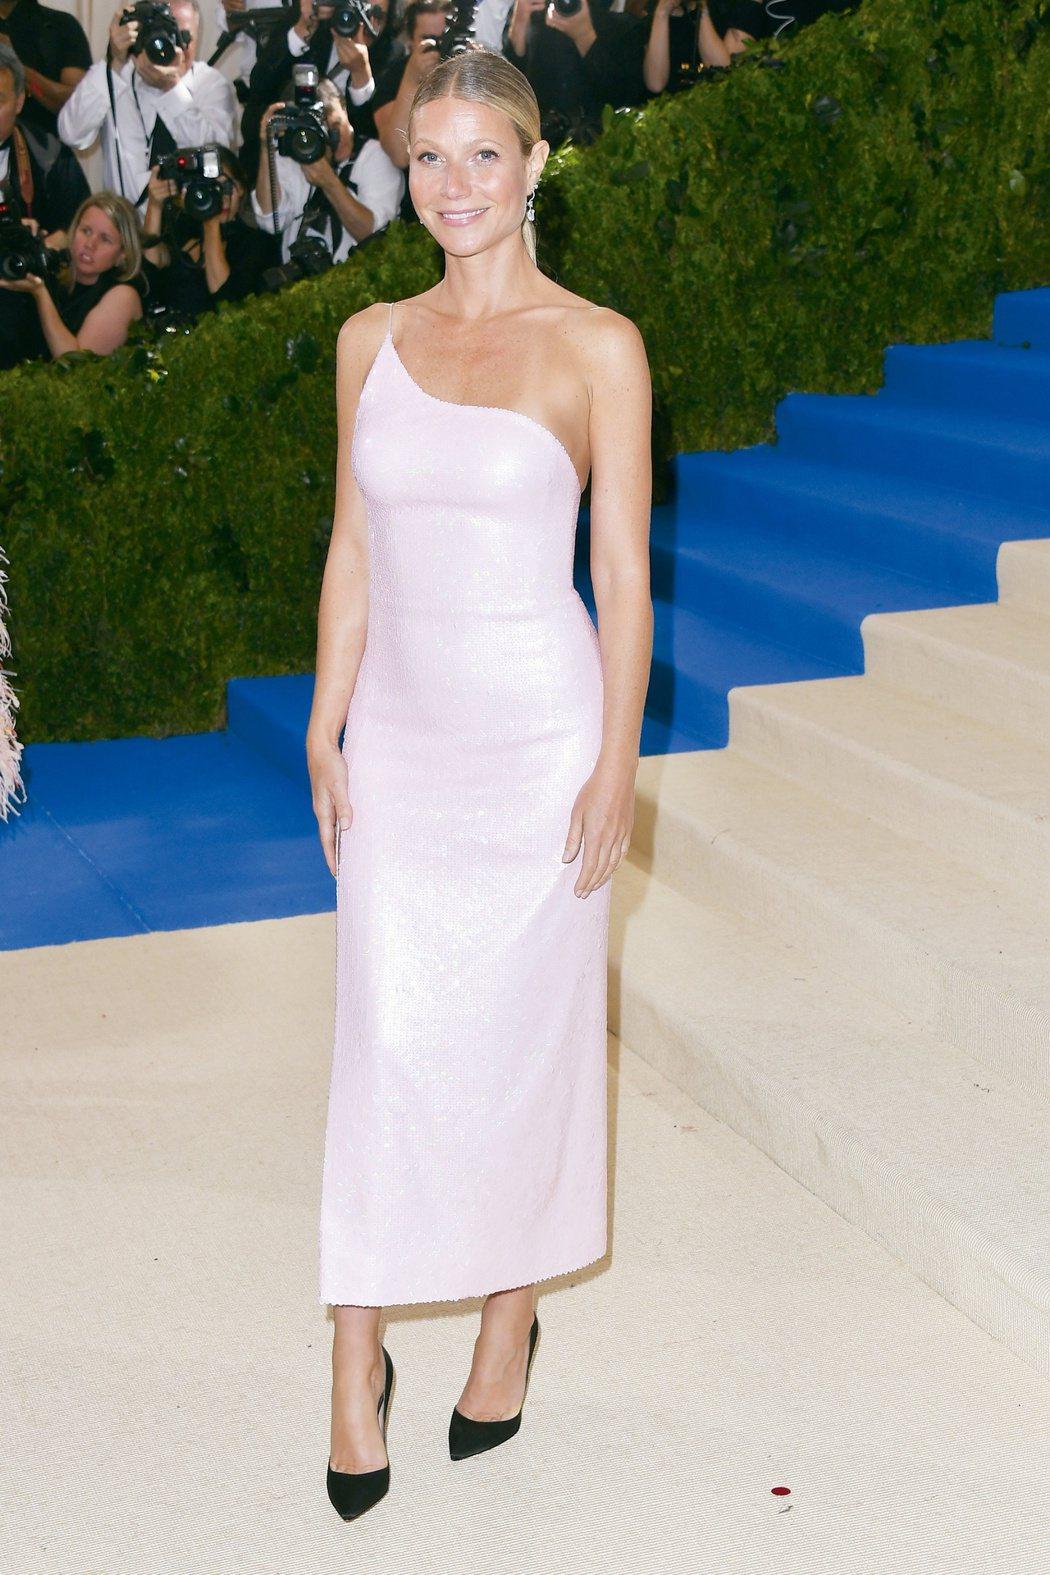 葛妮絲派楚配戴海瑞溫斯頓珠寶,總值超過230萬美金。圖/海瑞溫斯頓提供